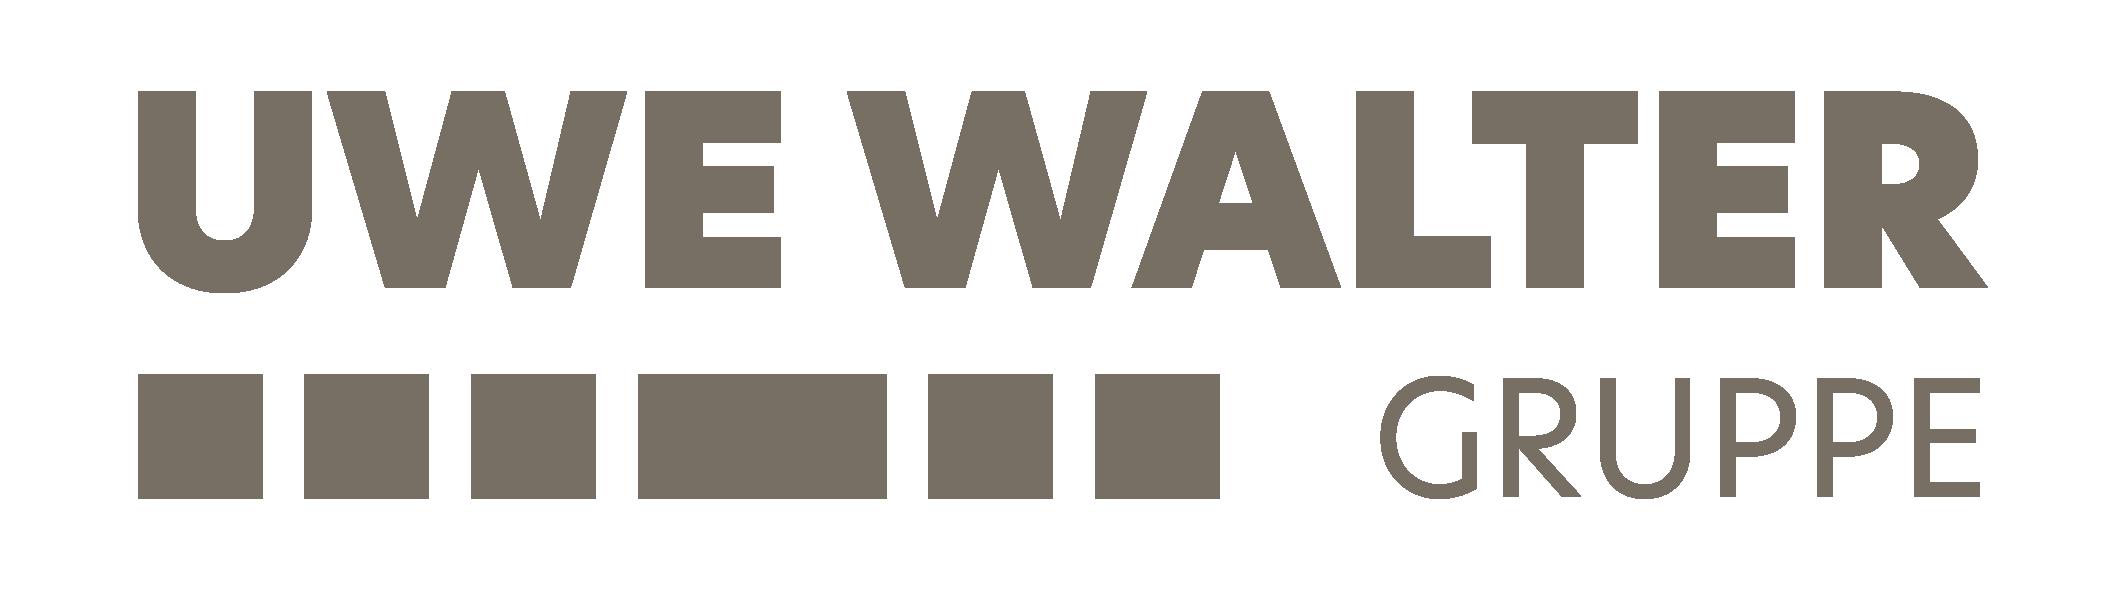 Logo der Uwe Walter Gruppe 2020